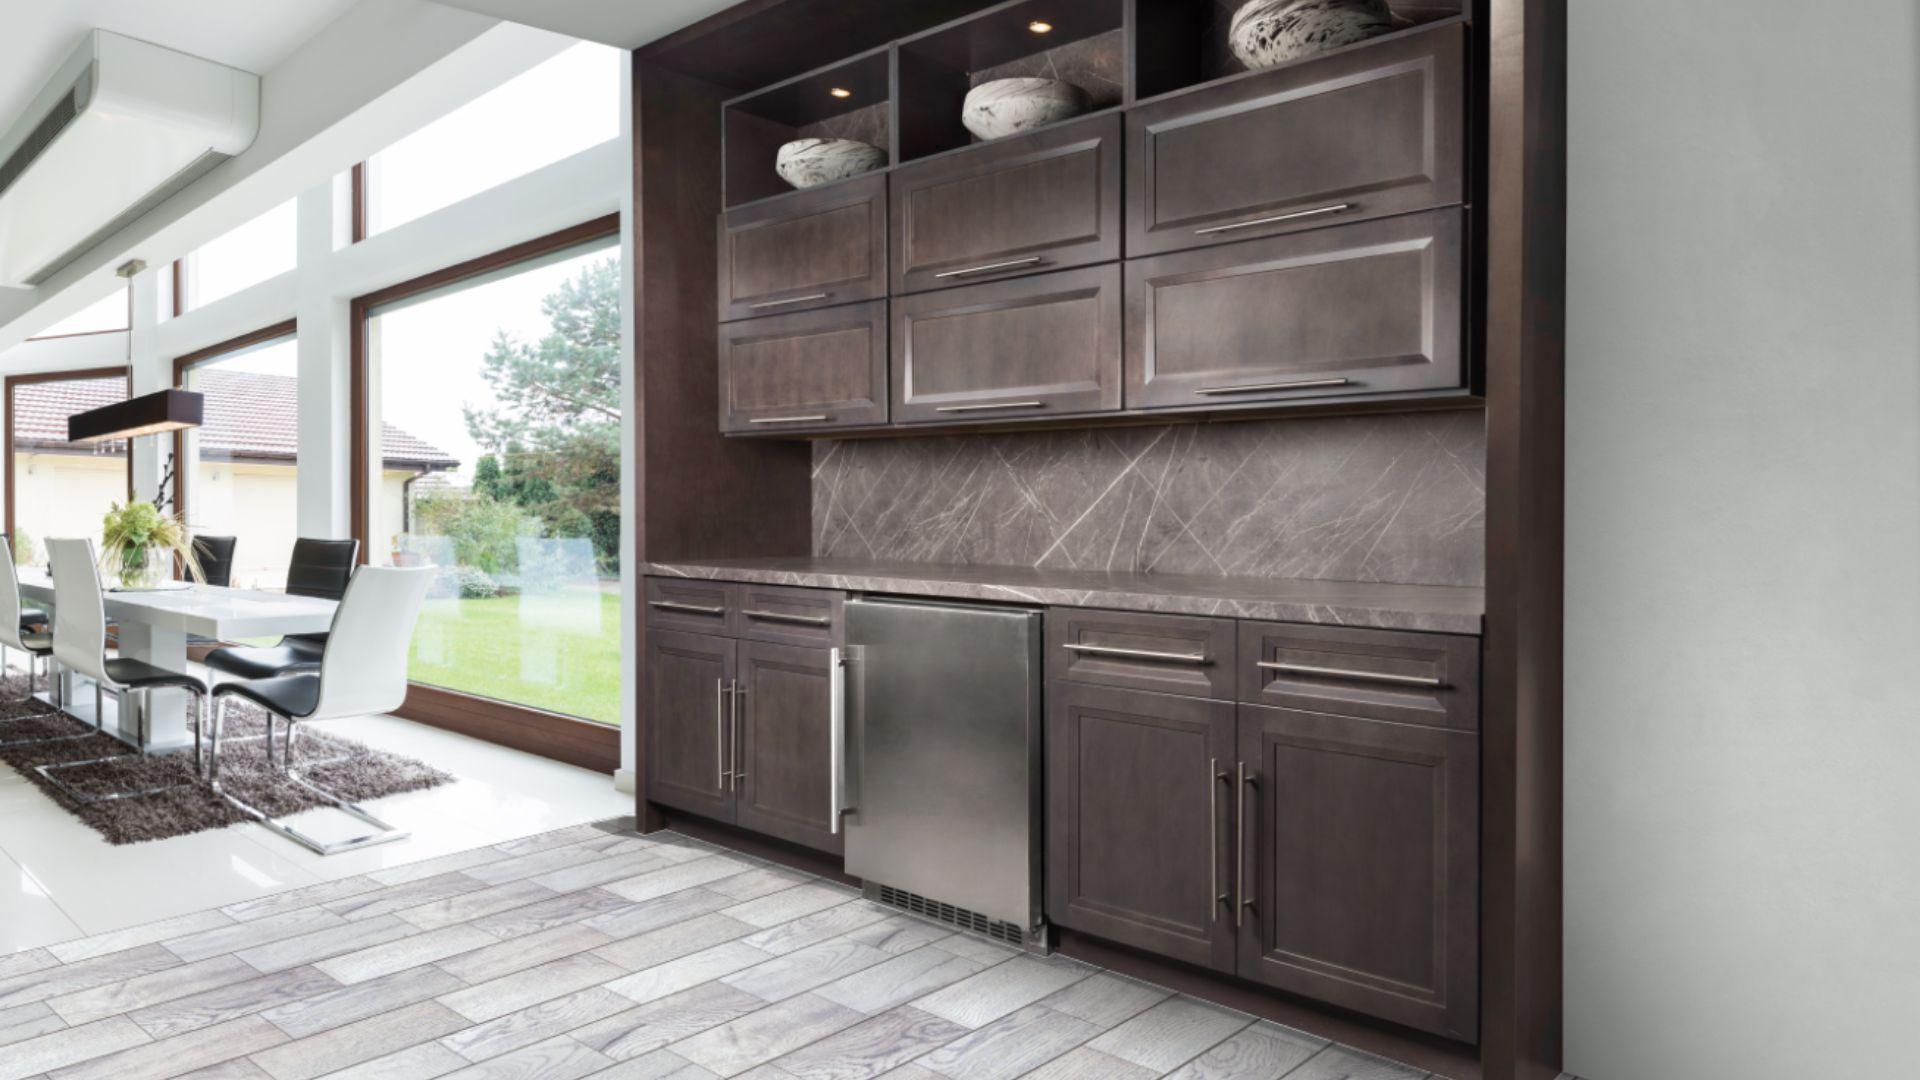 Allure/ Onyx/ Cobblestone | Cabinets, countertops, Custom ...